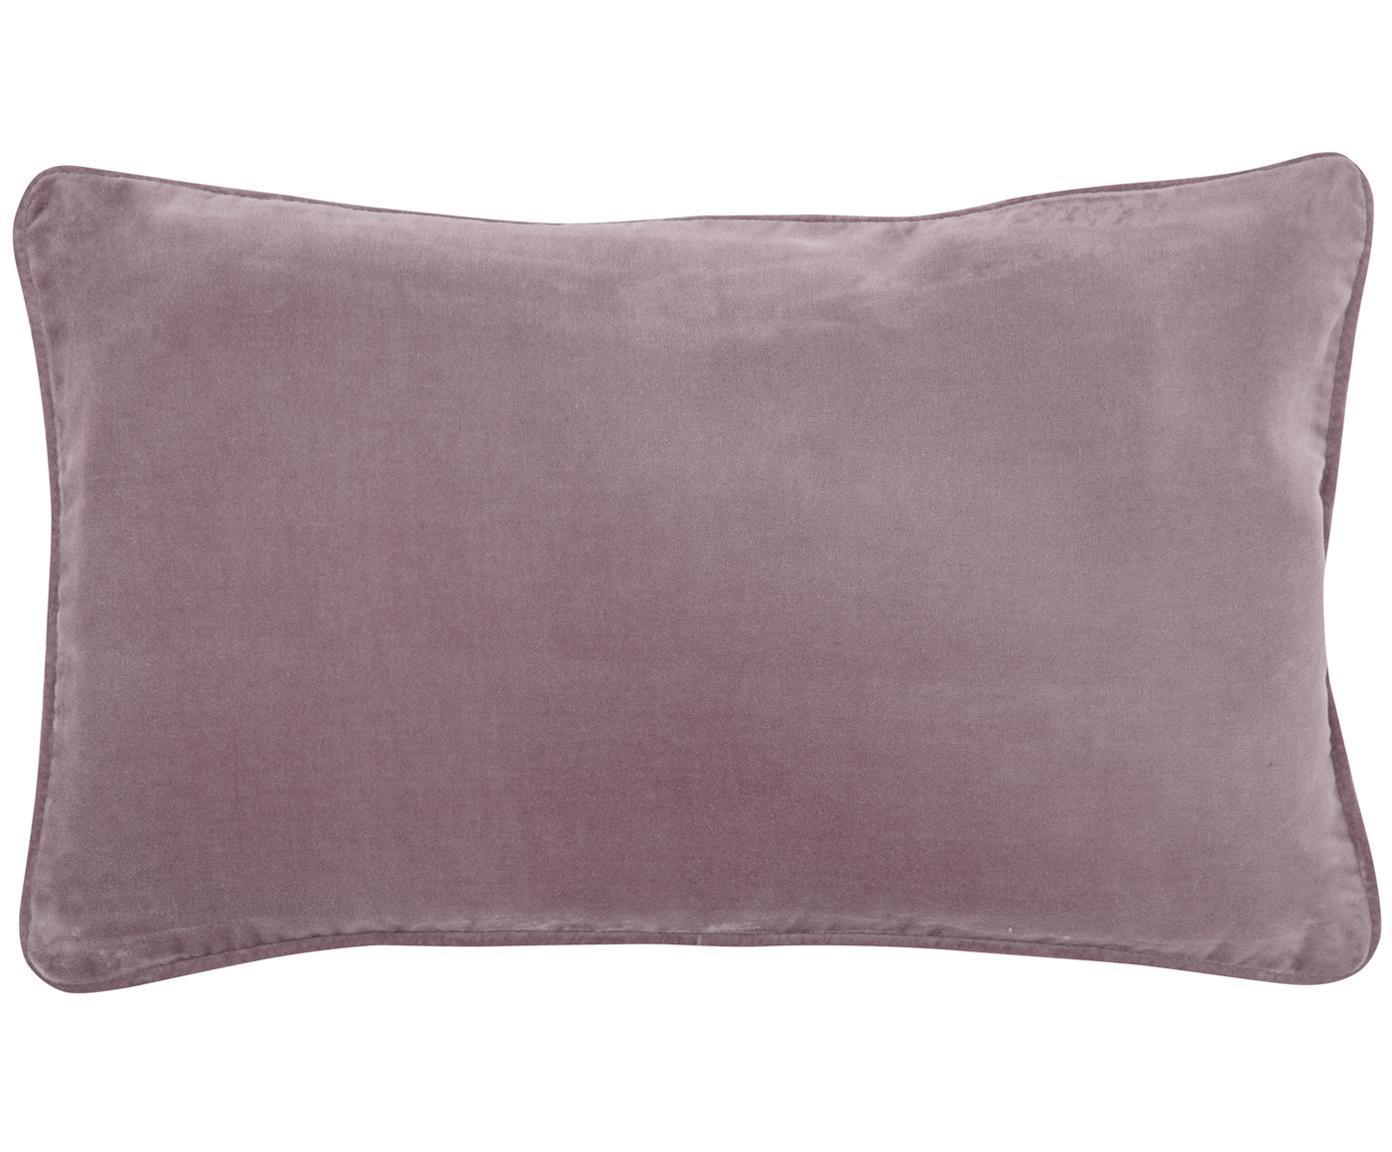 Funda de cojín de terciopelo Dana, Terciopelo de algodón, Palo rosa, An 30 x L 50 cm